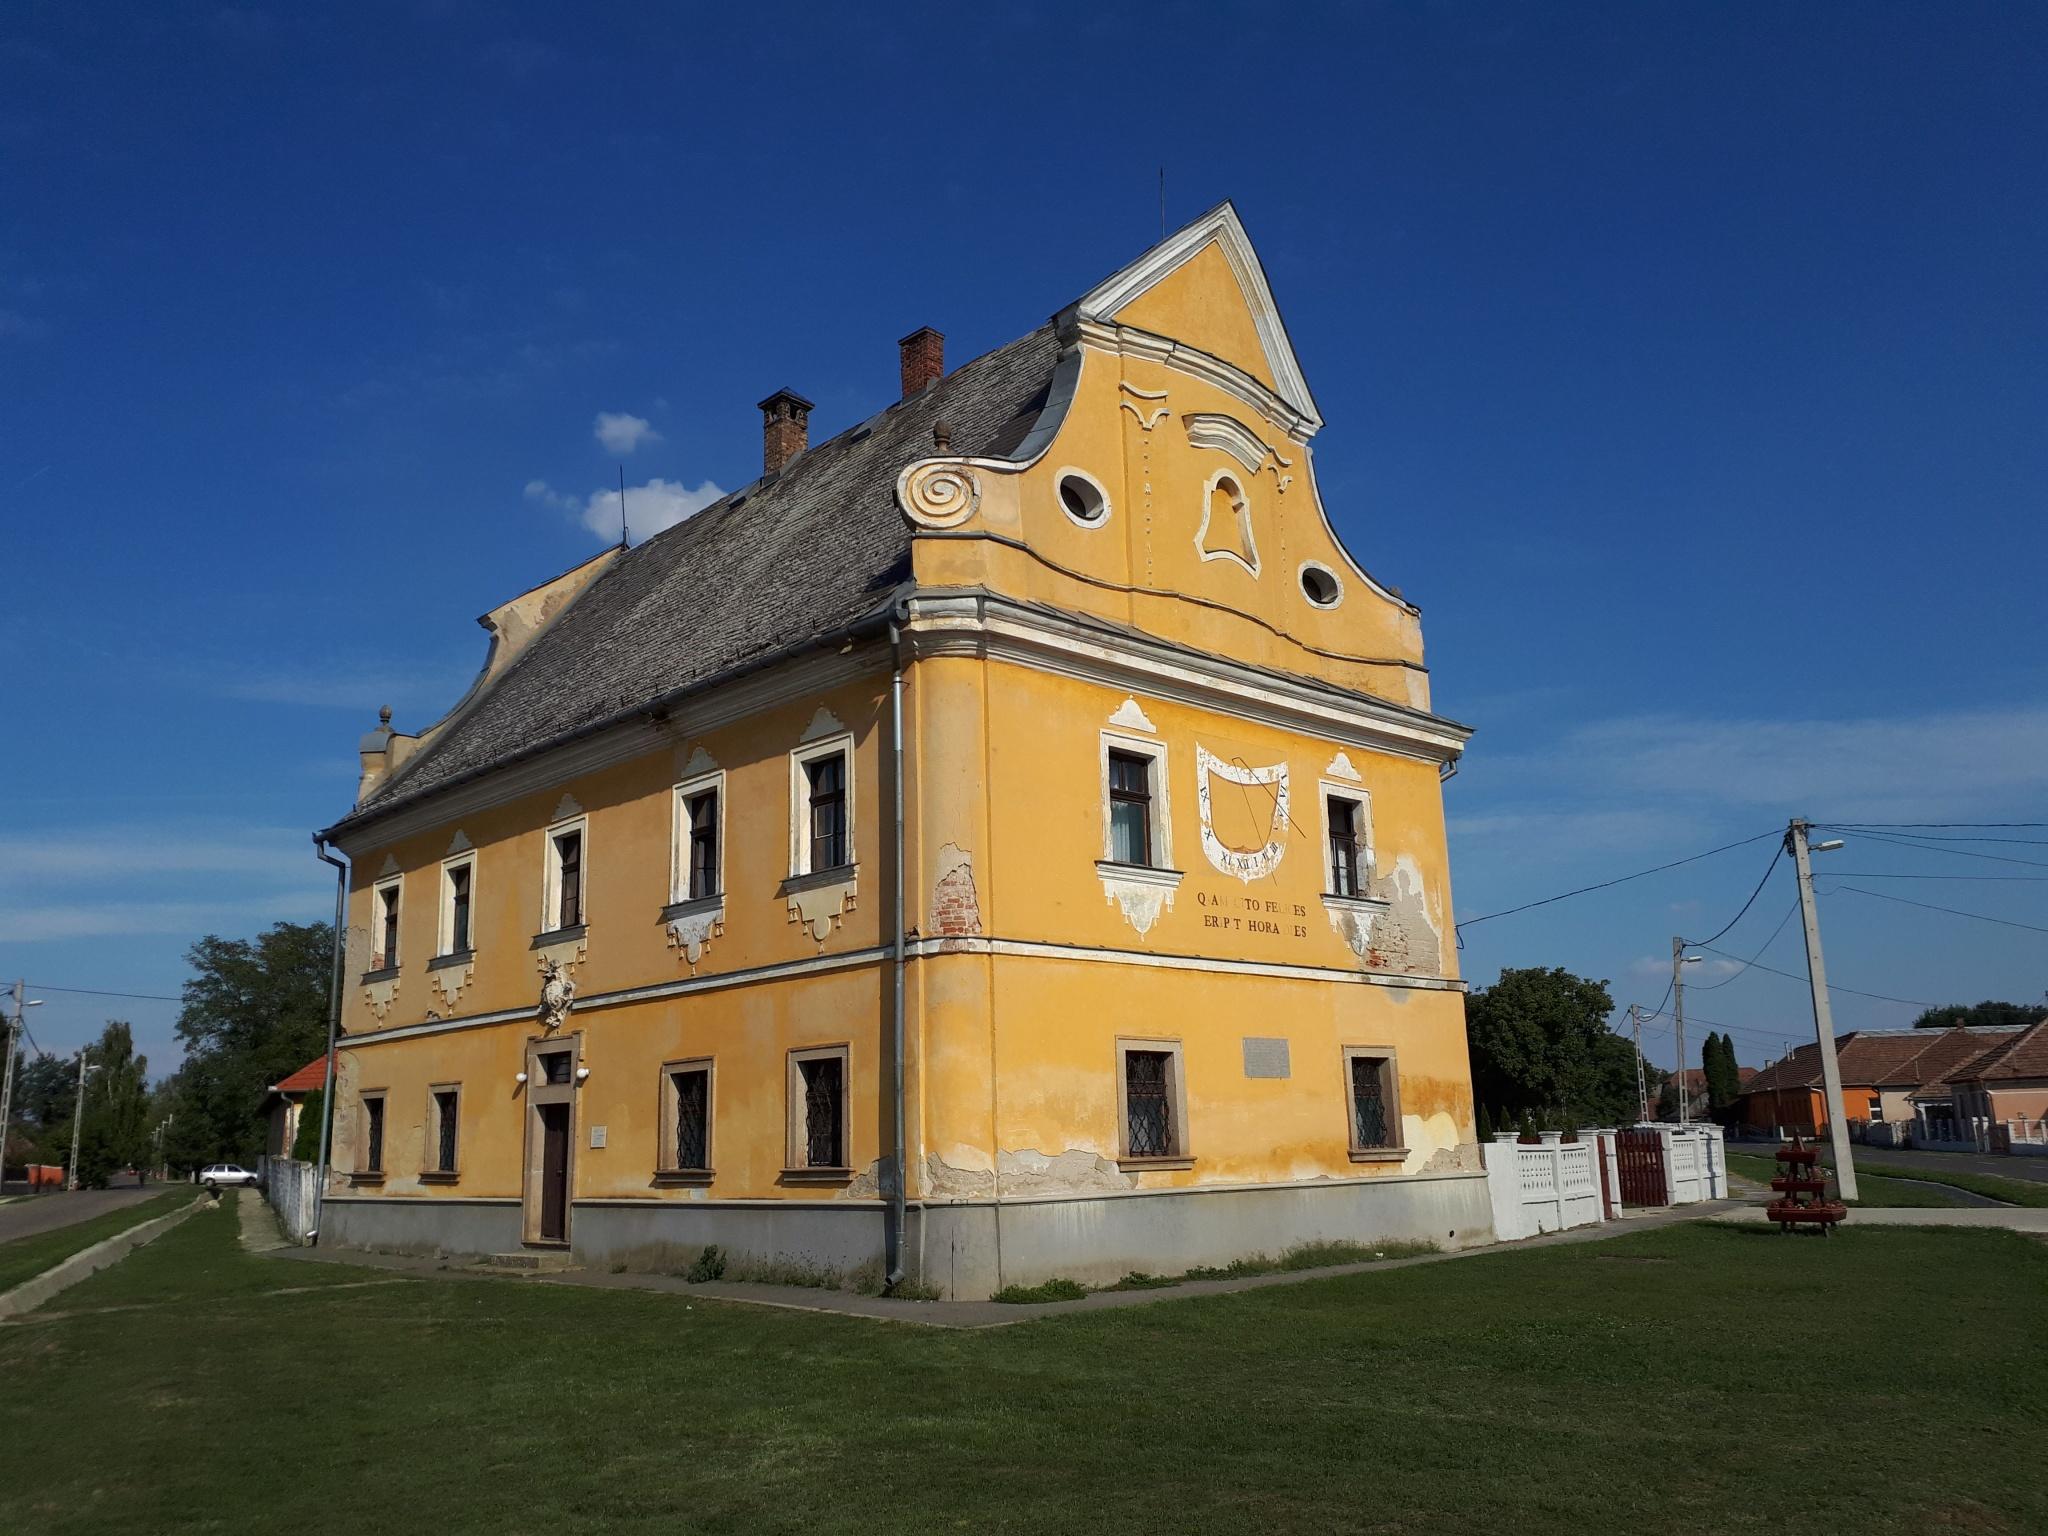 Az egykori körömi pálos vendégfogadó, most római katolikus plébániaház műemlék épülete (Fotó: Tothh417/wikipedia.org)